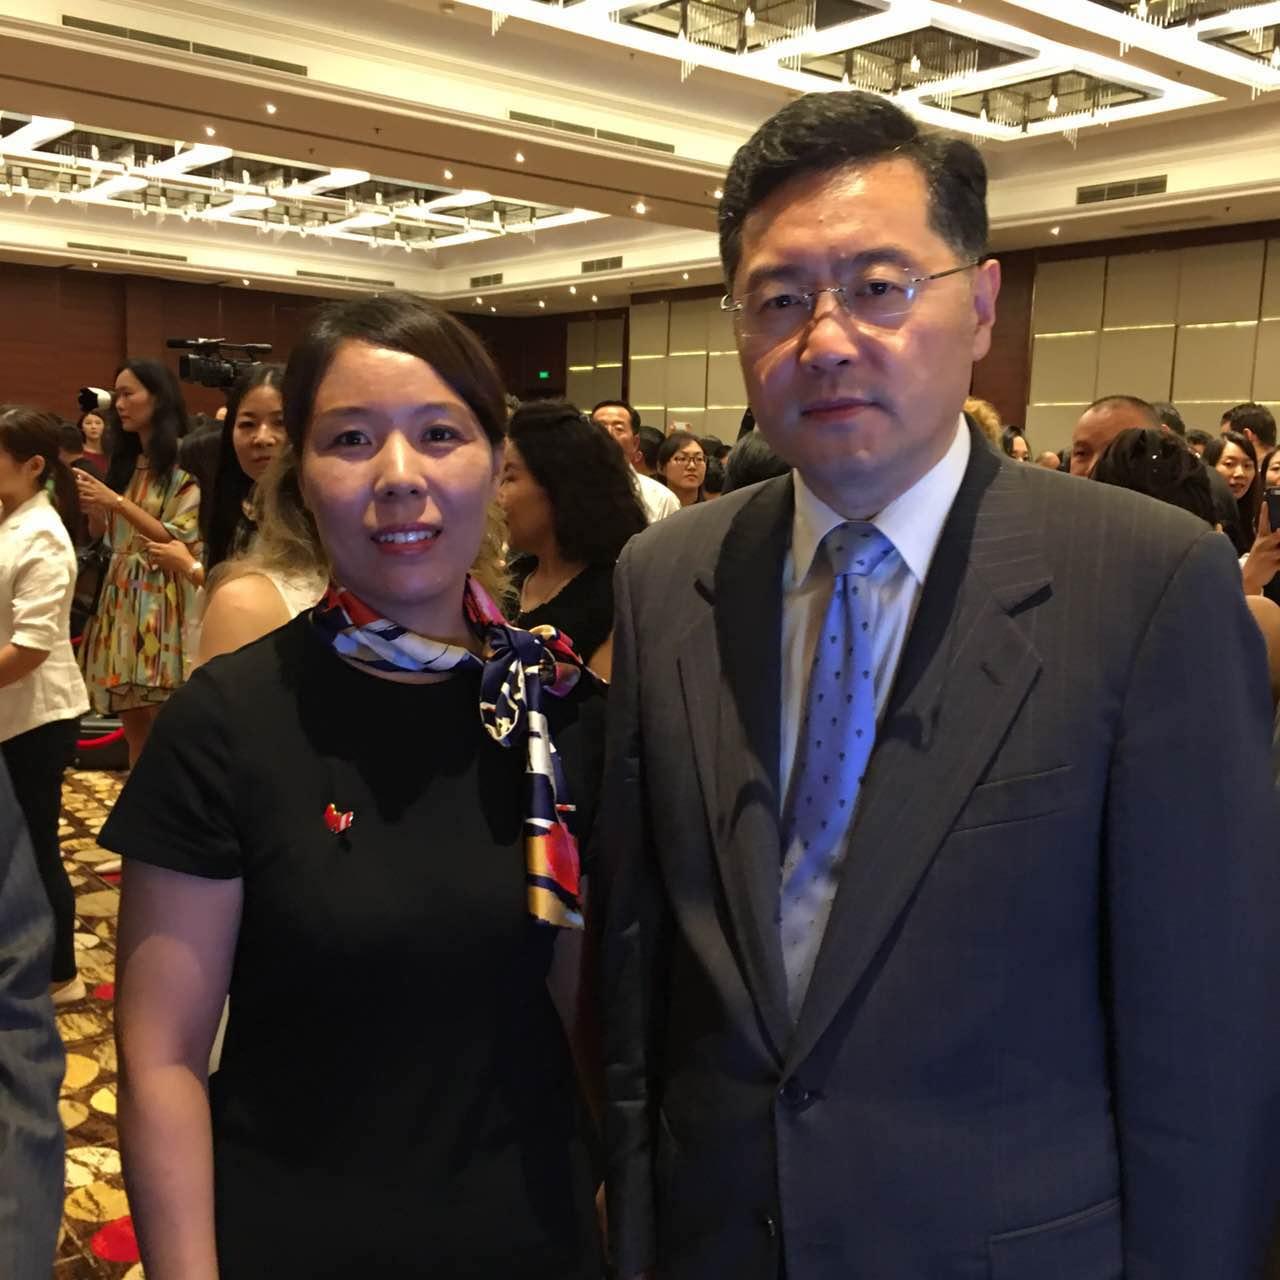 外交部部长助理秦刚与组委会秘书长崔江红